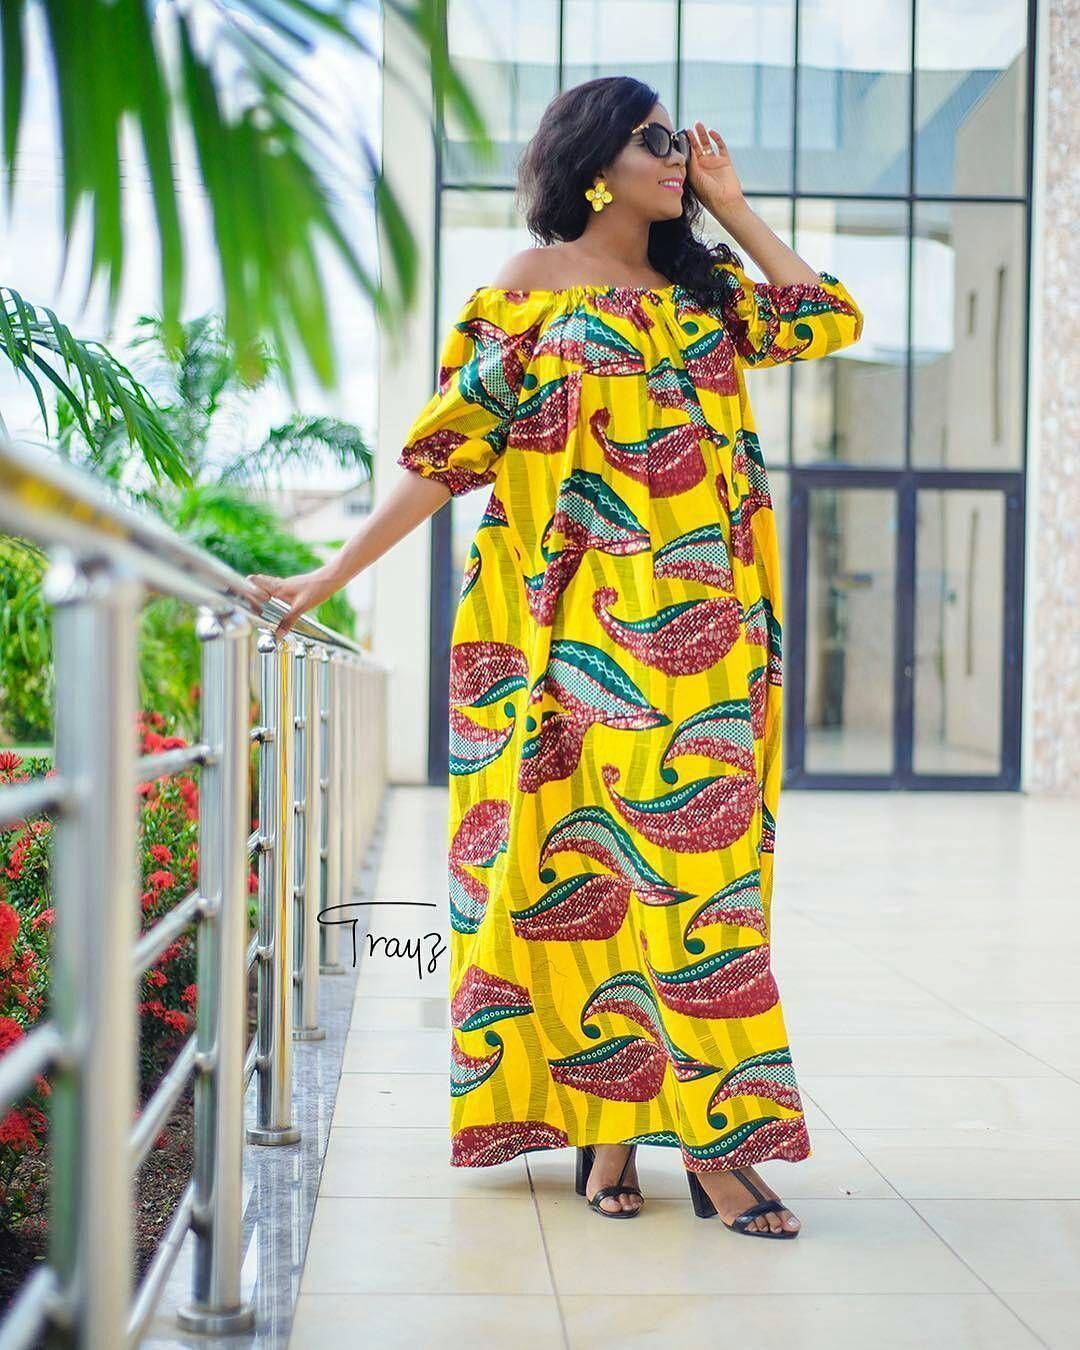 Resultat De Recherche D Images Pour Robes Africaines Cabas Robe Africaine Mode Africaine Mode Africaine Robe